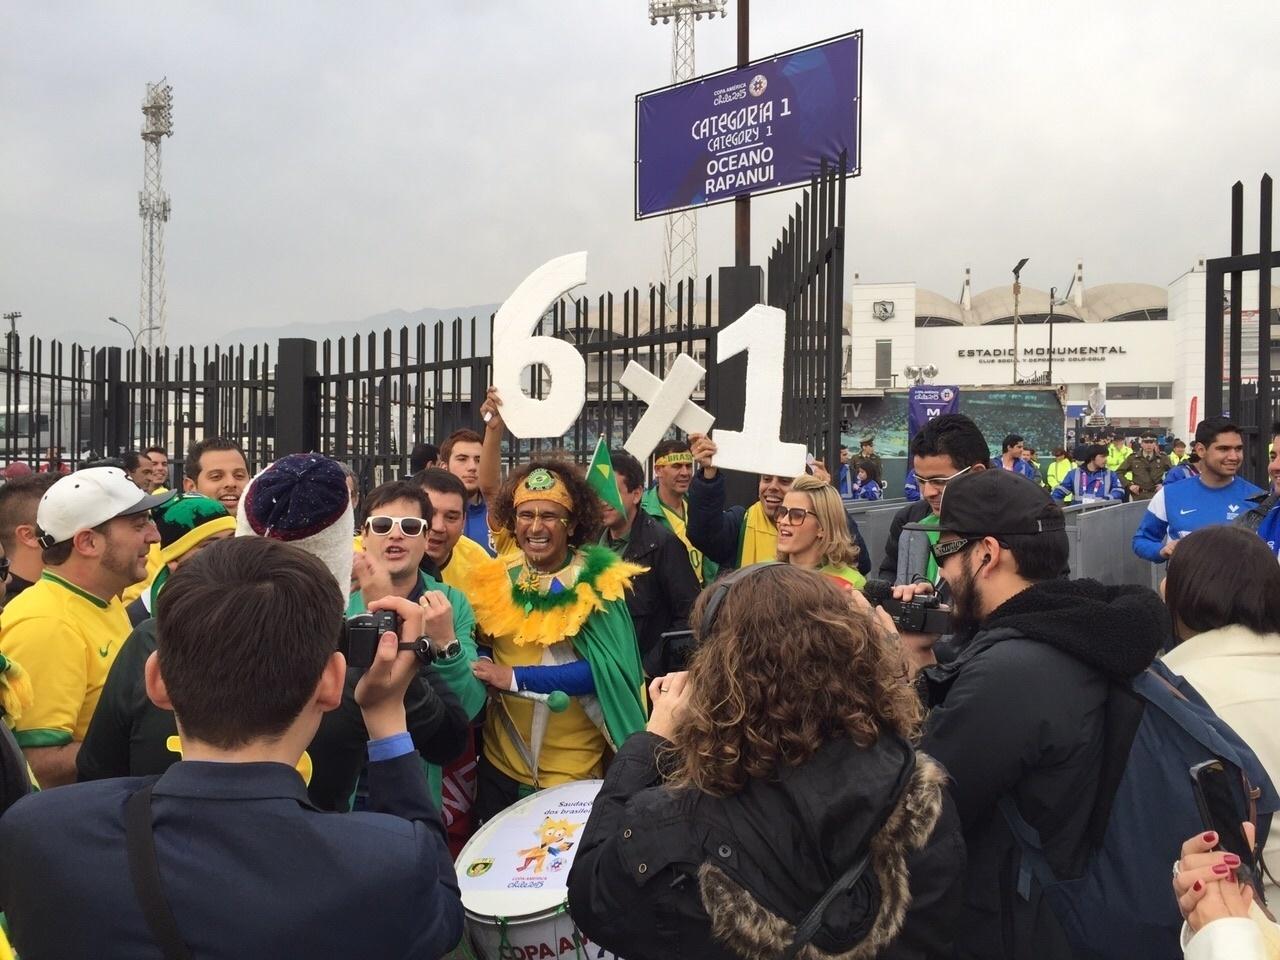 Repórter Vesgo, do Pânico da Band, marca presença no jogo do Brasil contra Venezuela na Copa América